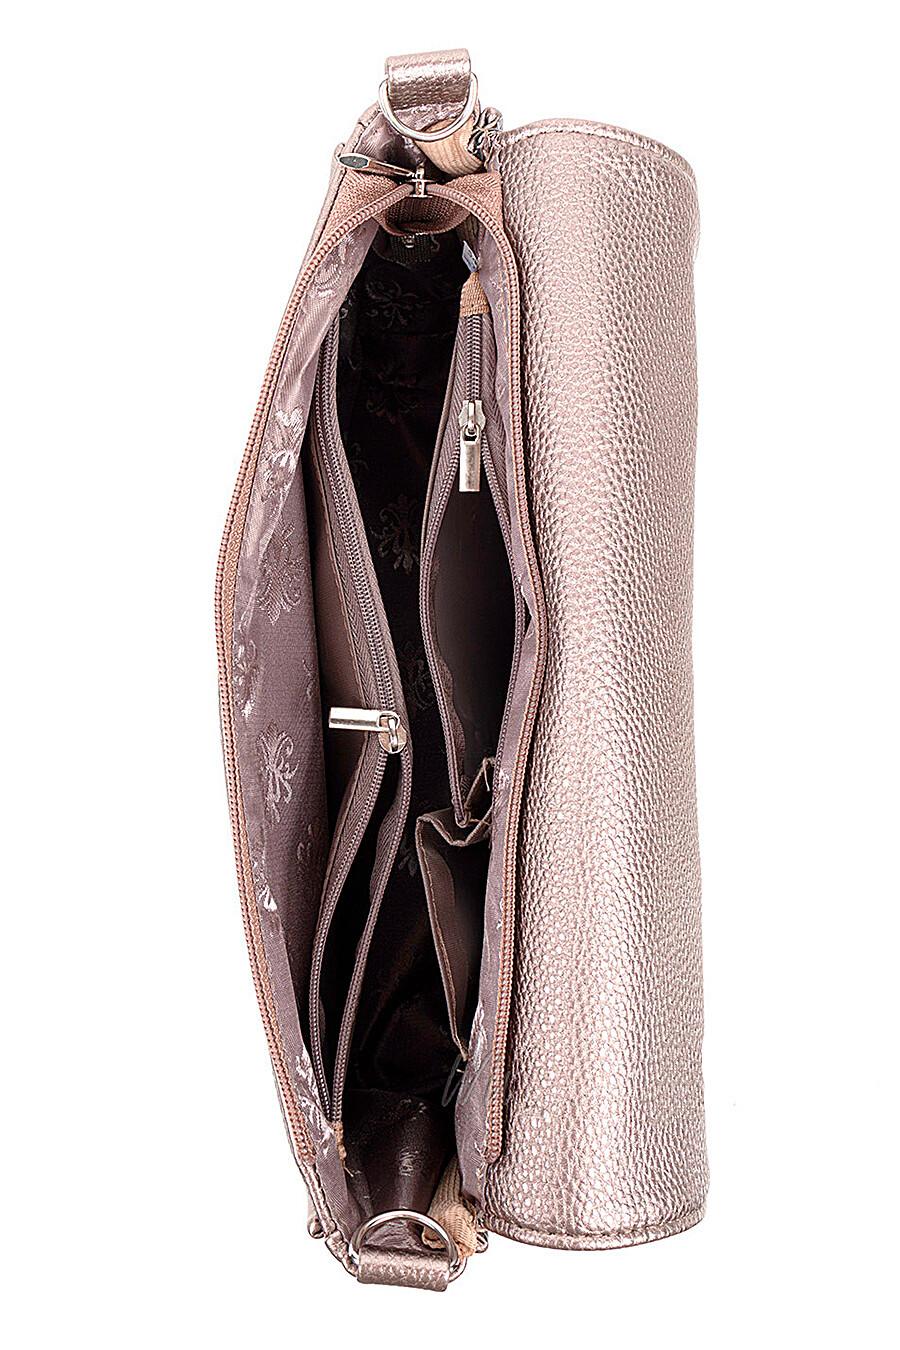 Сумка для женщин L-CRAFT 667922 купить оптом от производителя. Совместная покупка женской одежды в OptMoyo